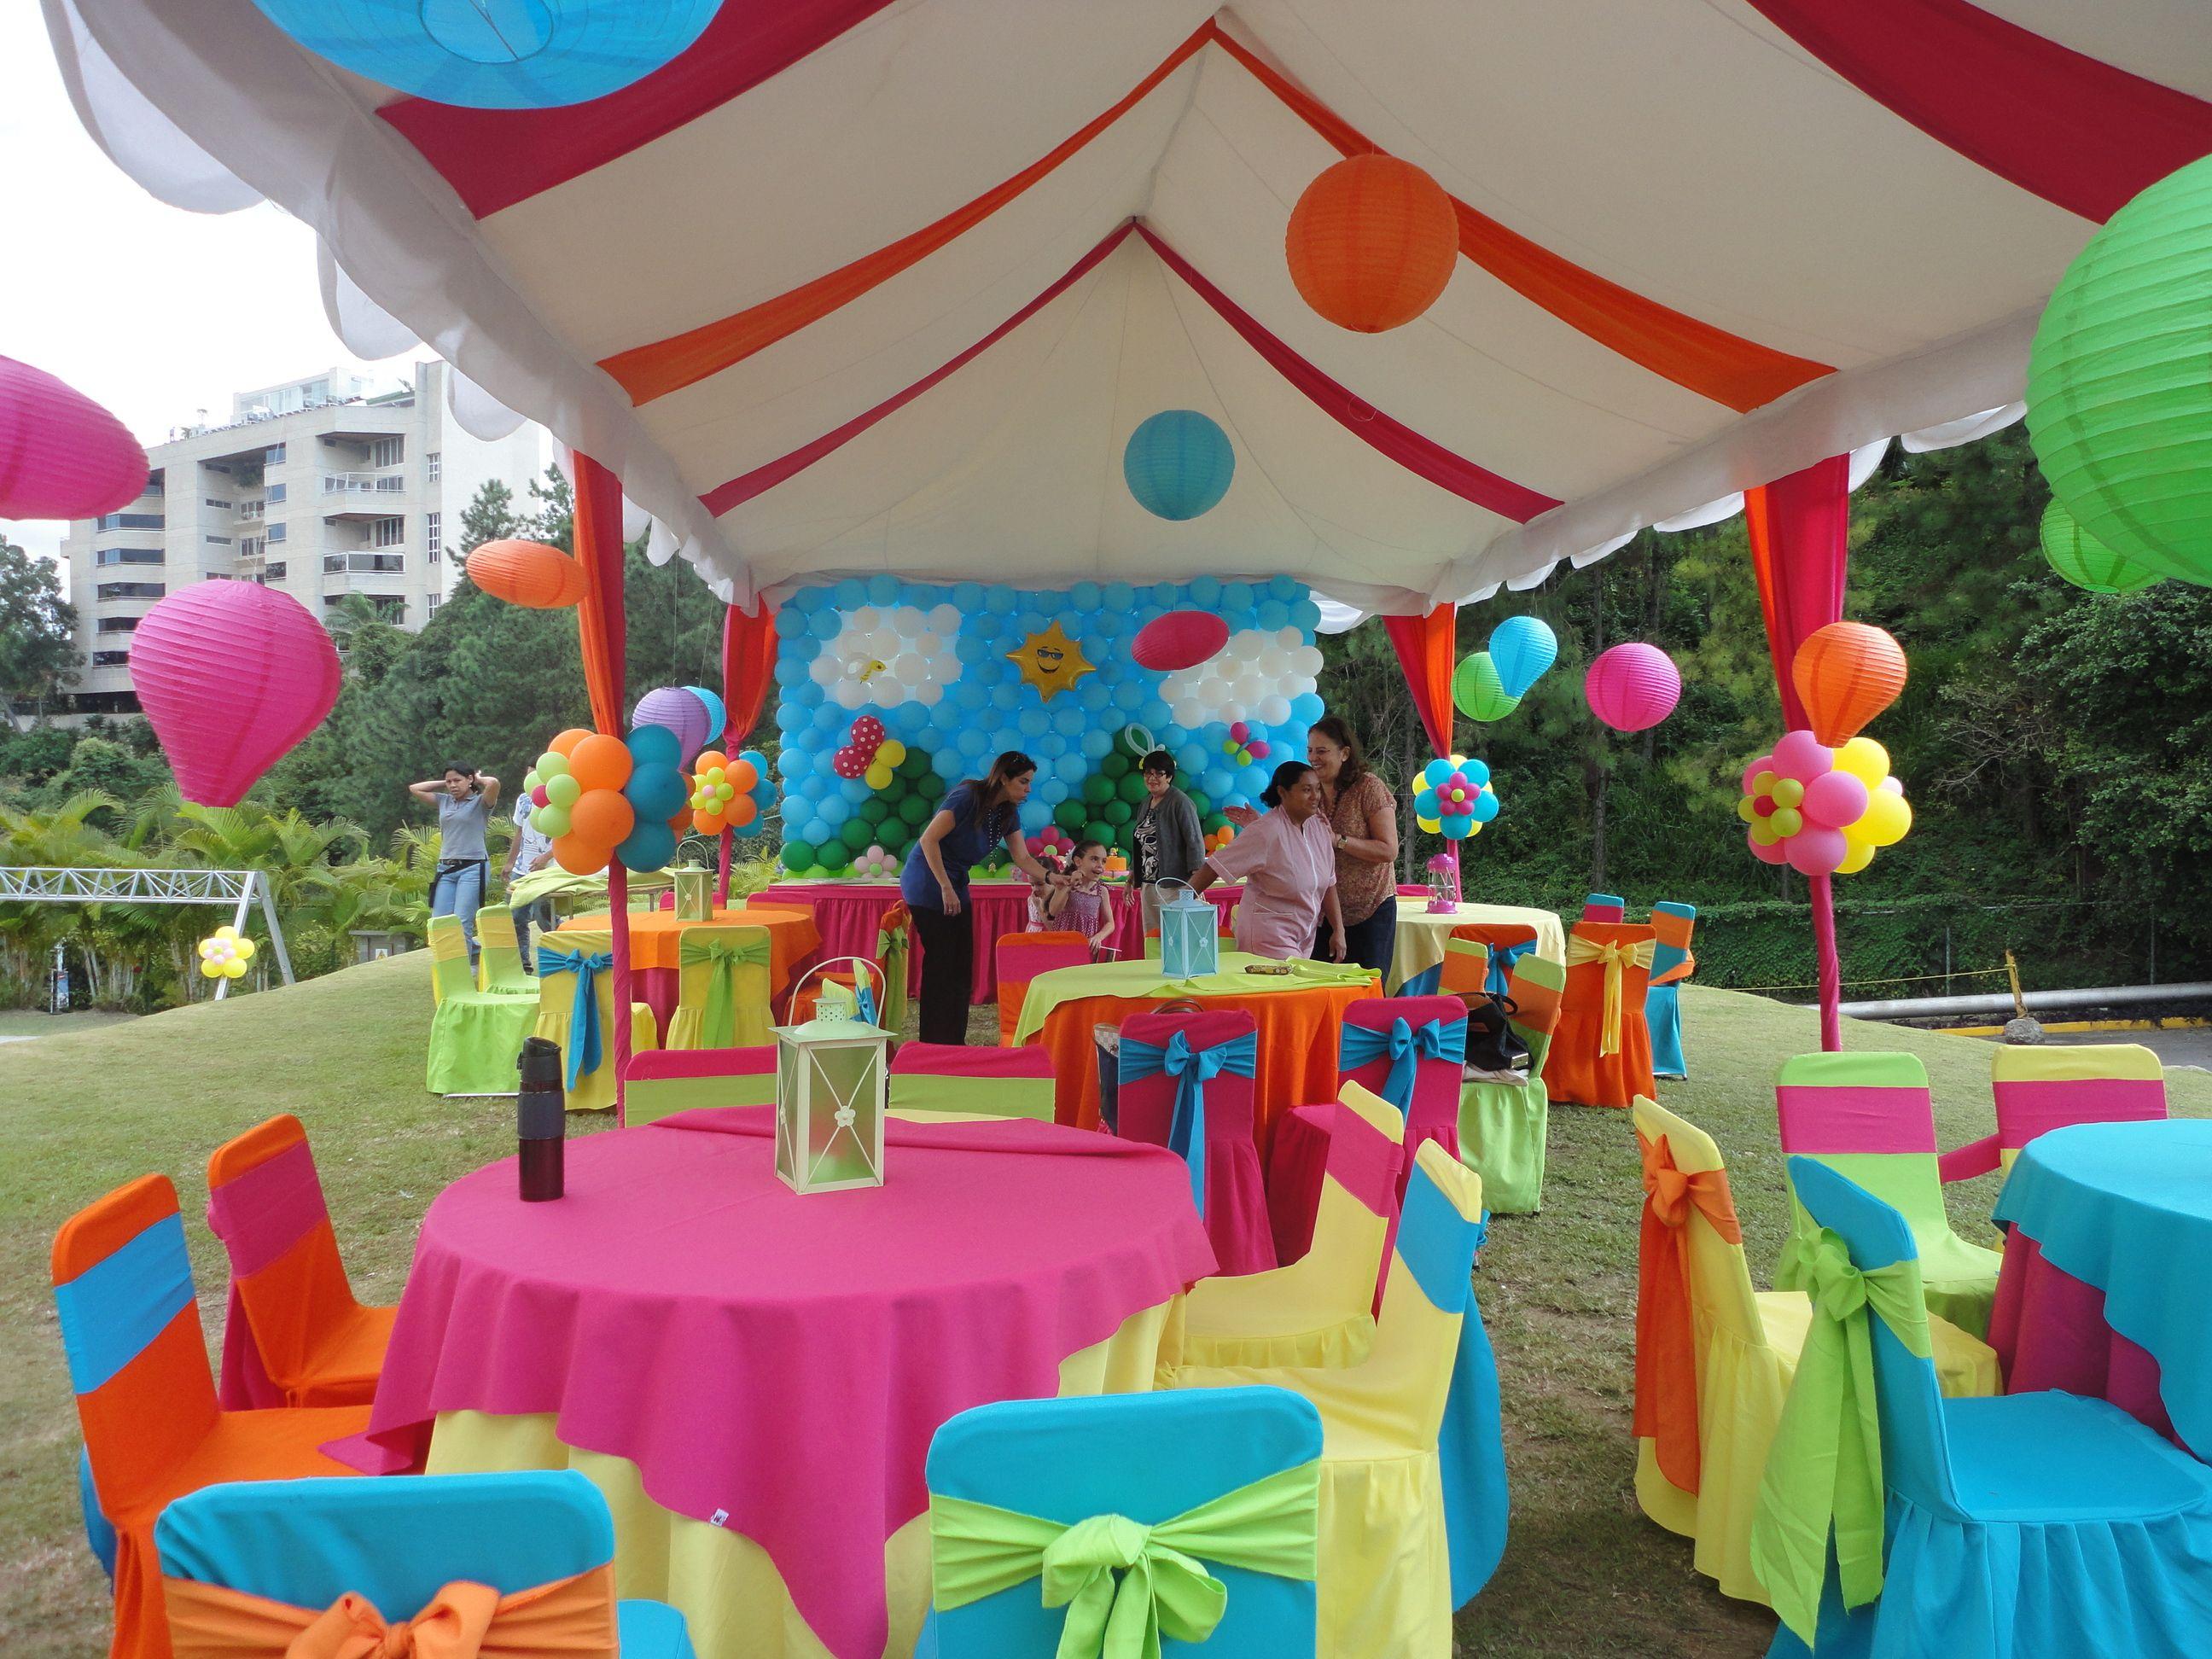 Decoraciones para fiestas buscar con google ideas for Decoraciones para fiestas